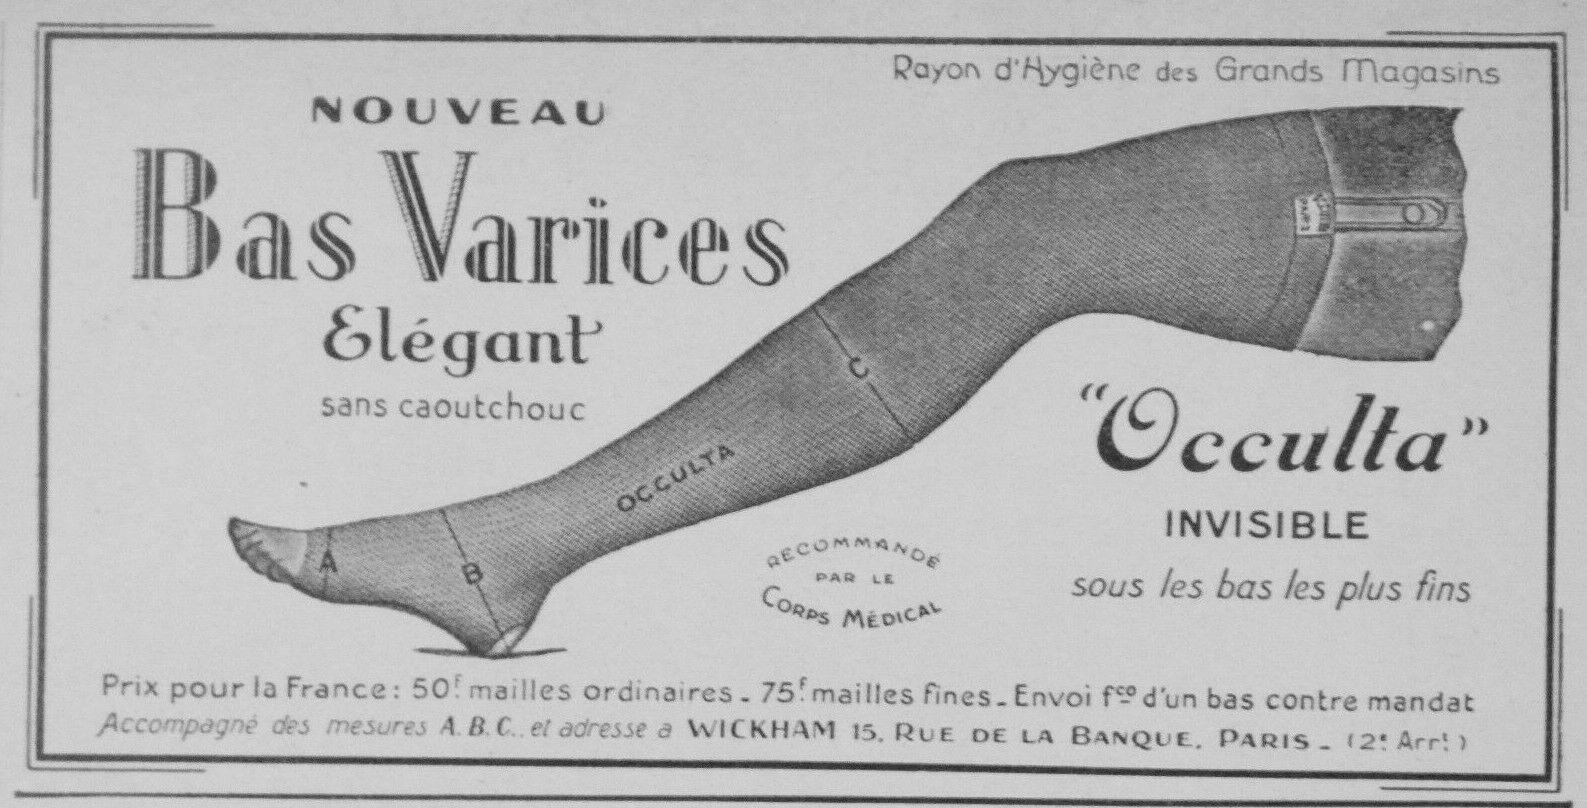 1926-Occulta-Bas-Varices-Elegant